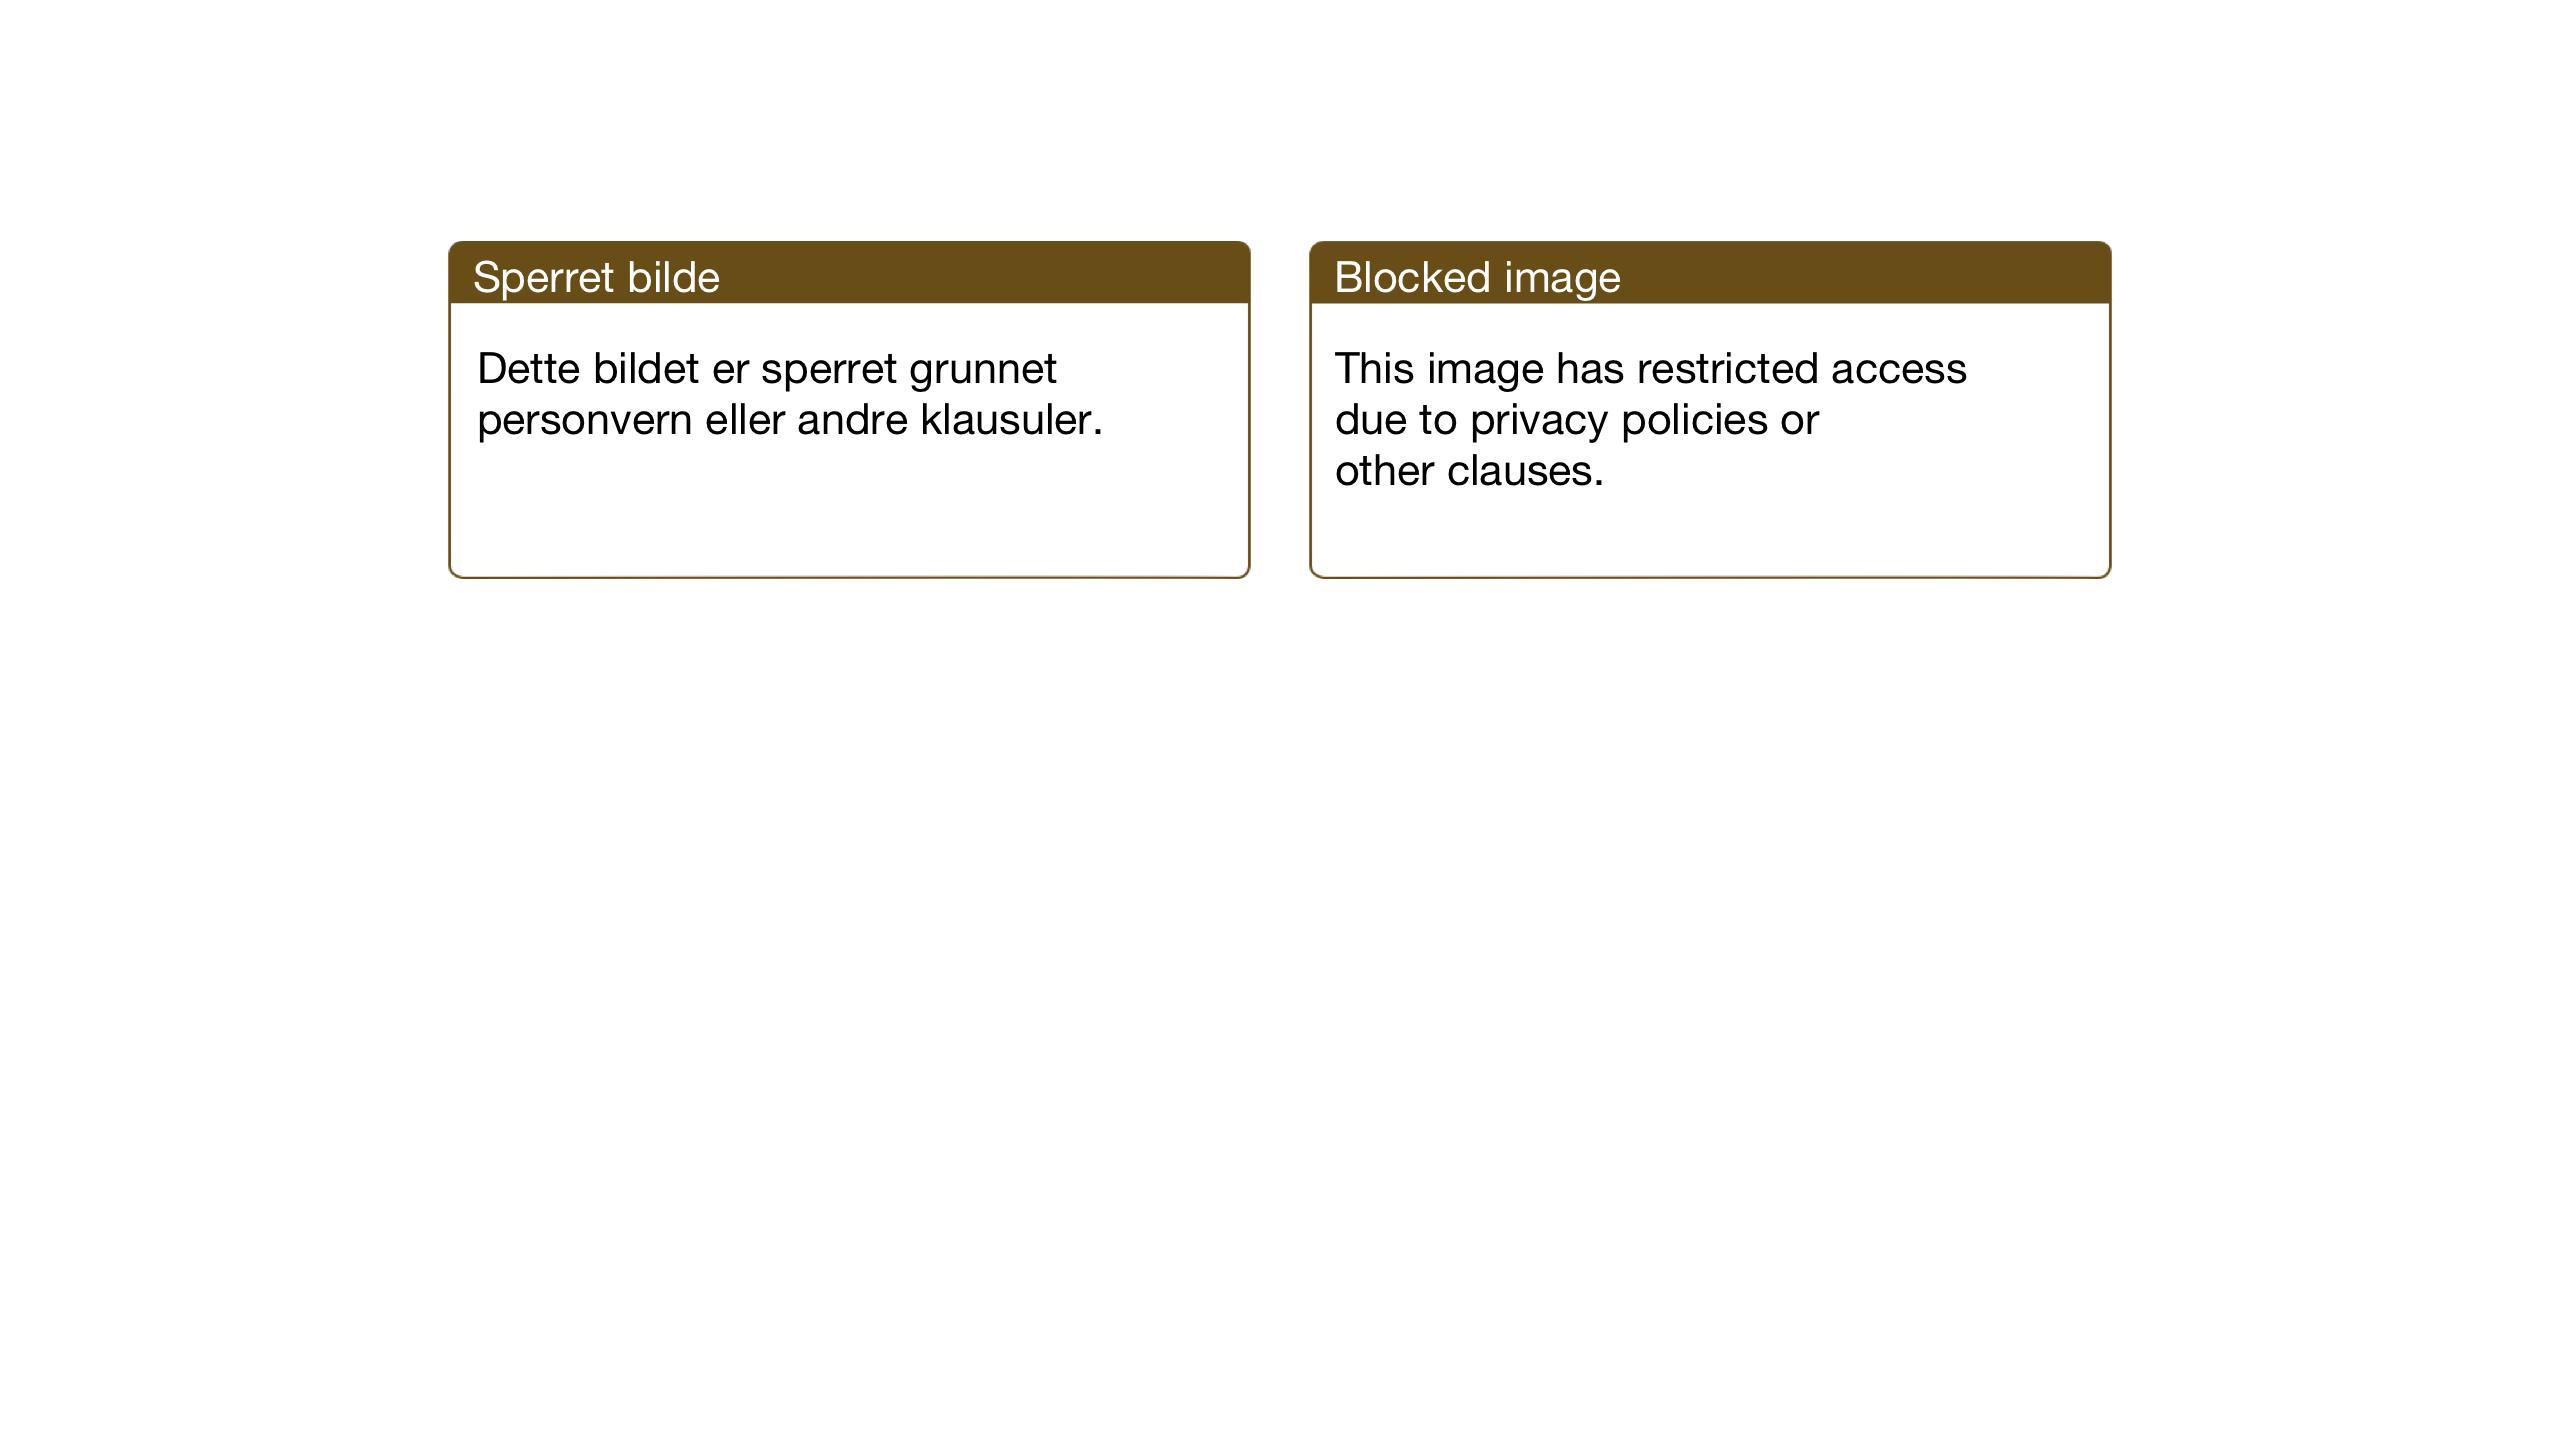 SAT, Ministerialprotokoller, klokkerbøker og fødselsregistre - Sør-Trøndelag, 631/L0515: Klokkerbok nr. 631C03, 1913-1939, s. 54